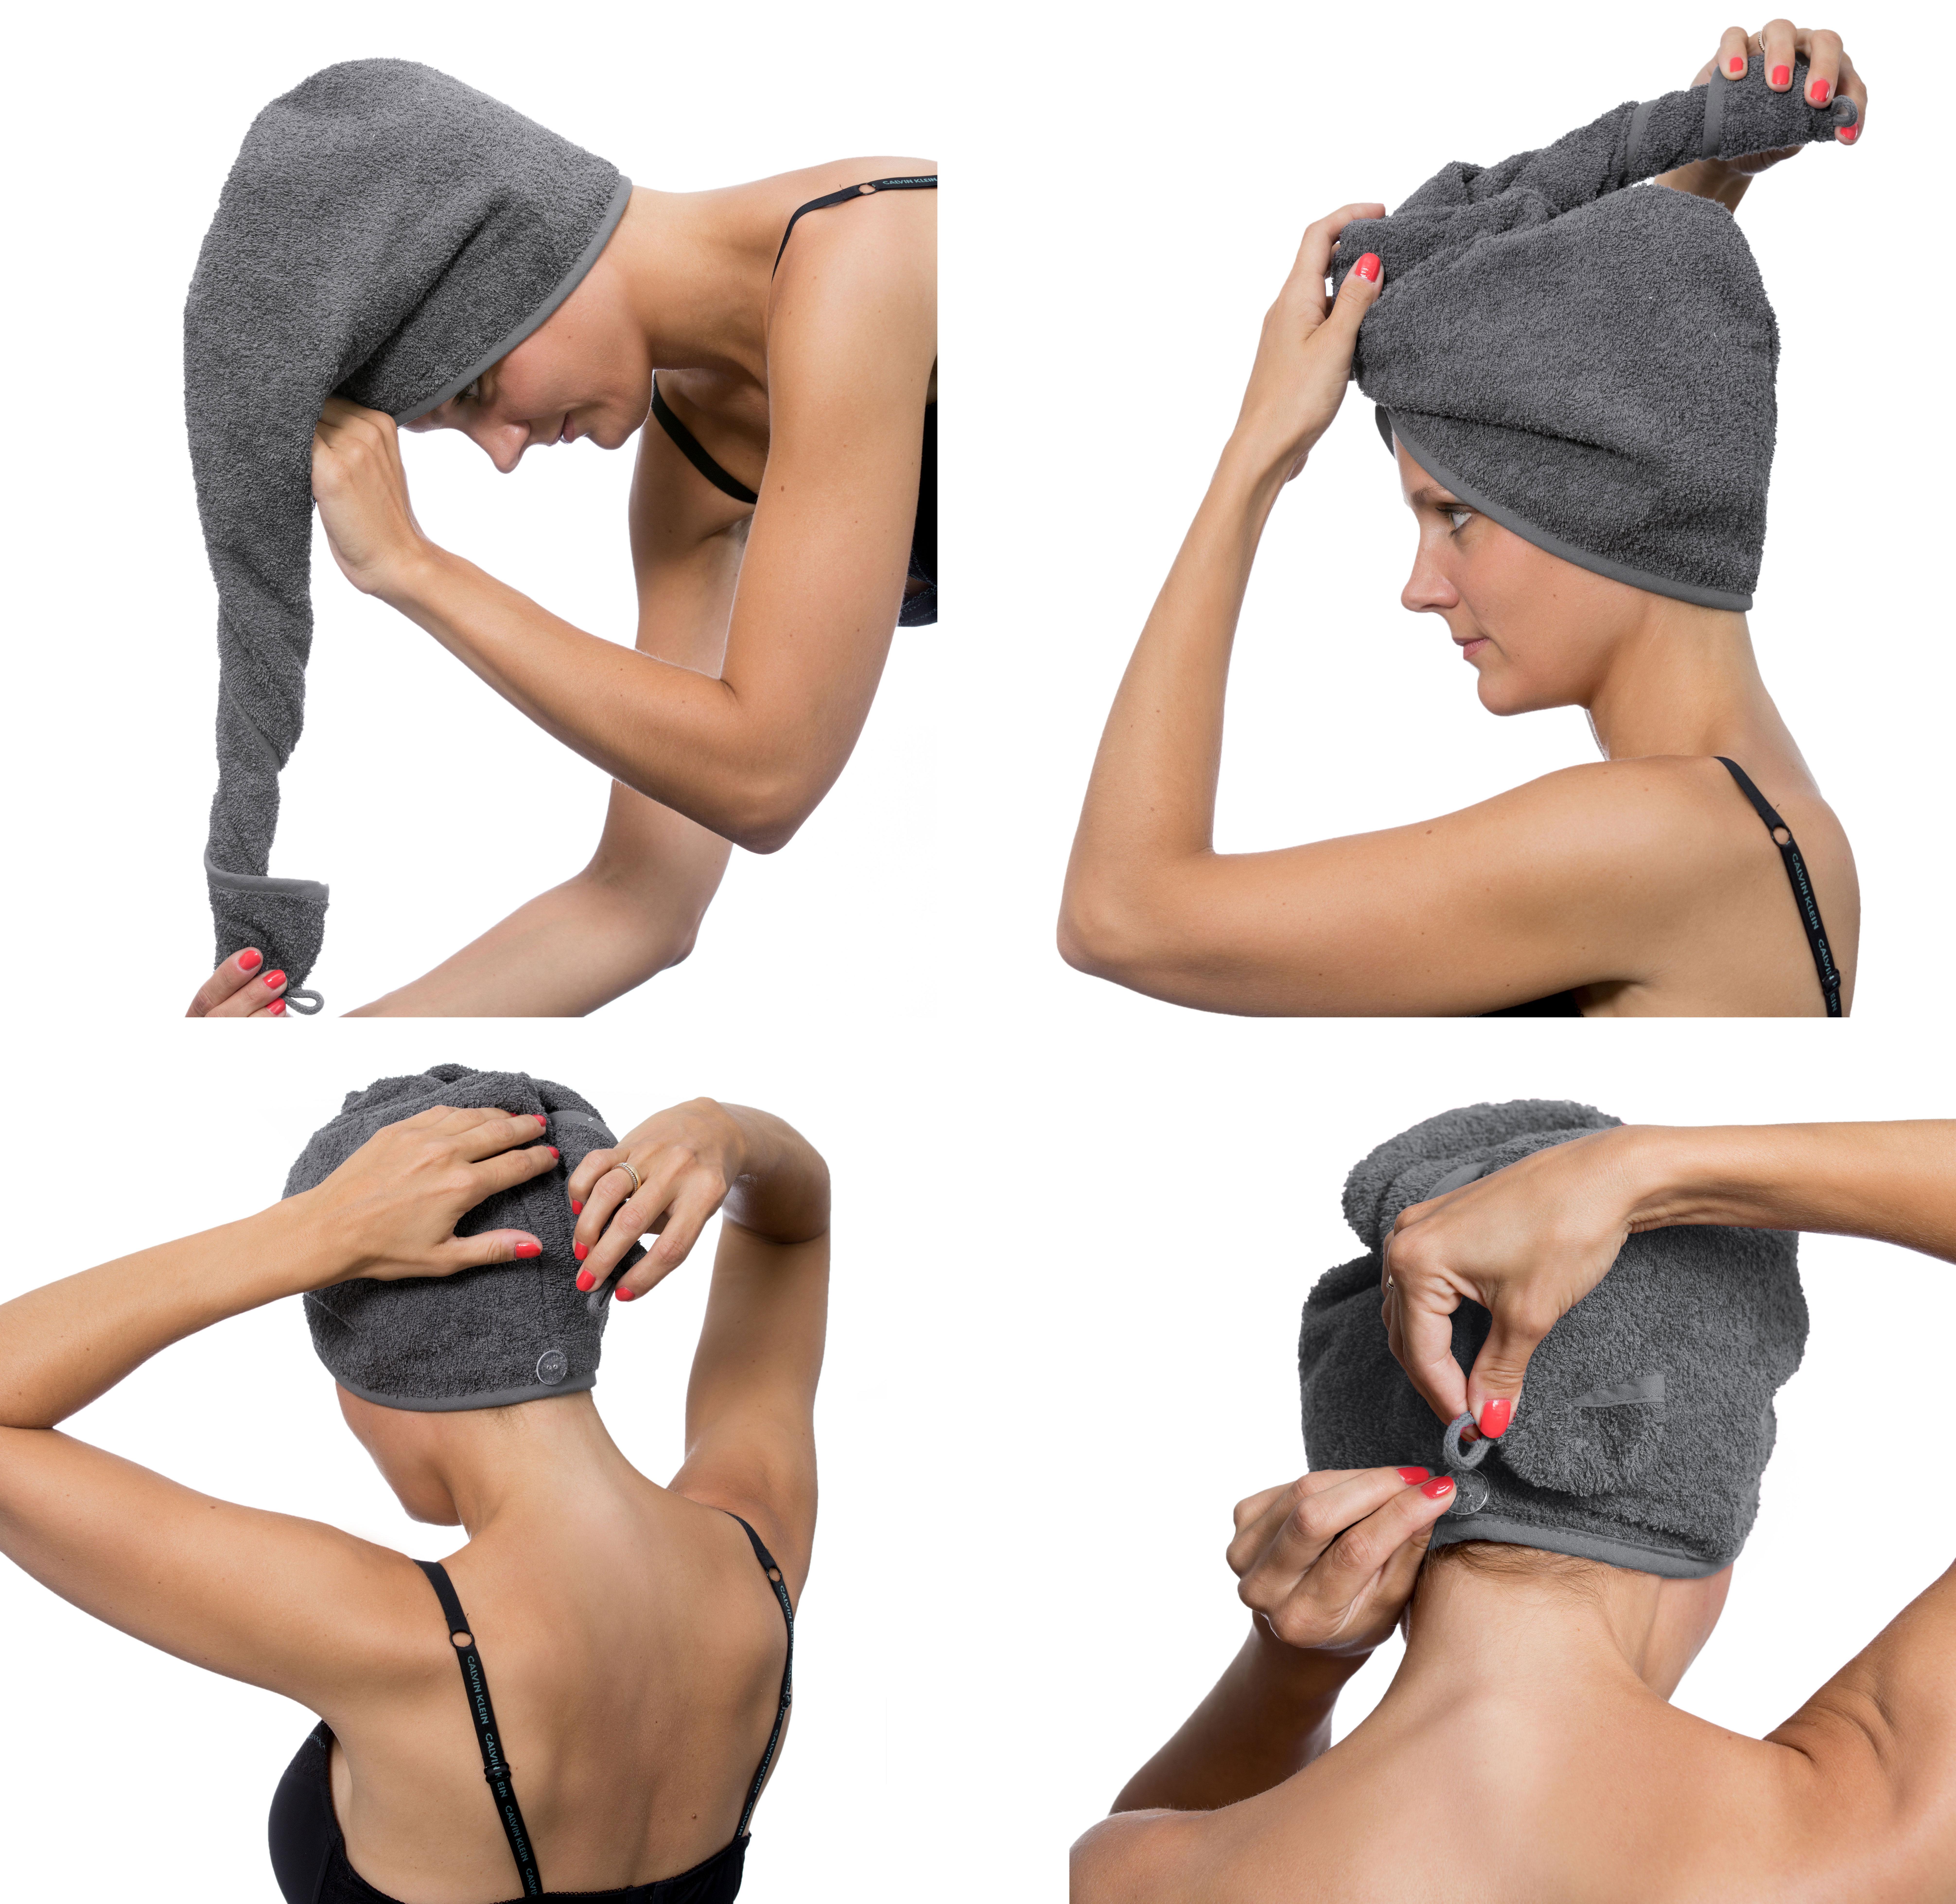 Haarturban / Kopfhandtuch / Haartrockentuch Knopf im Nacken,